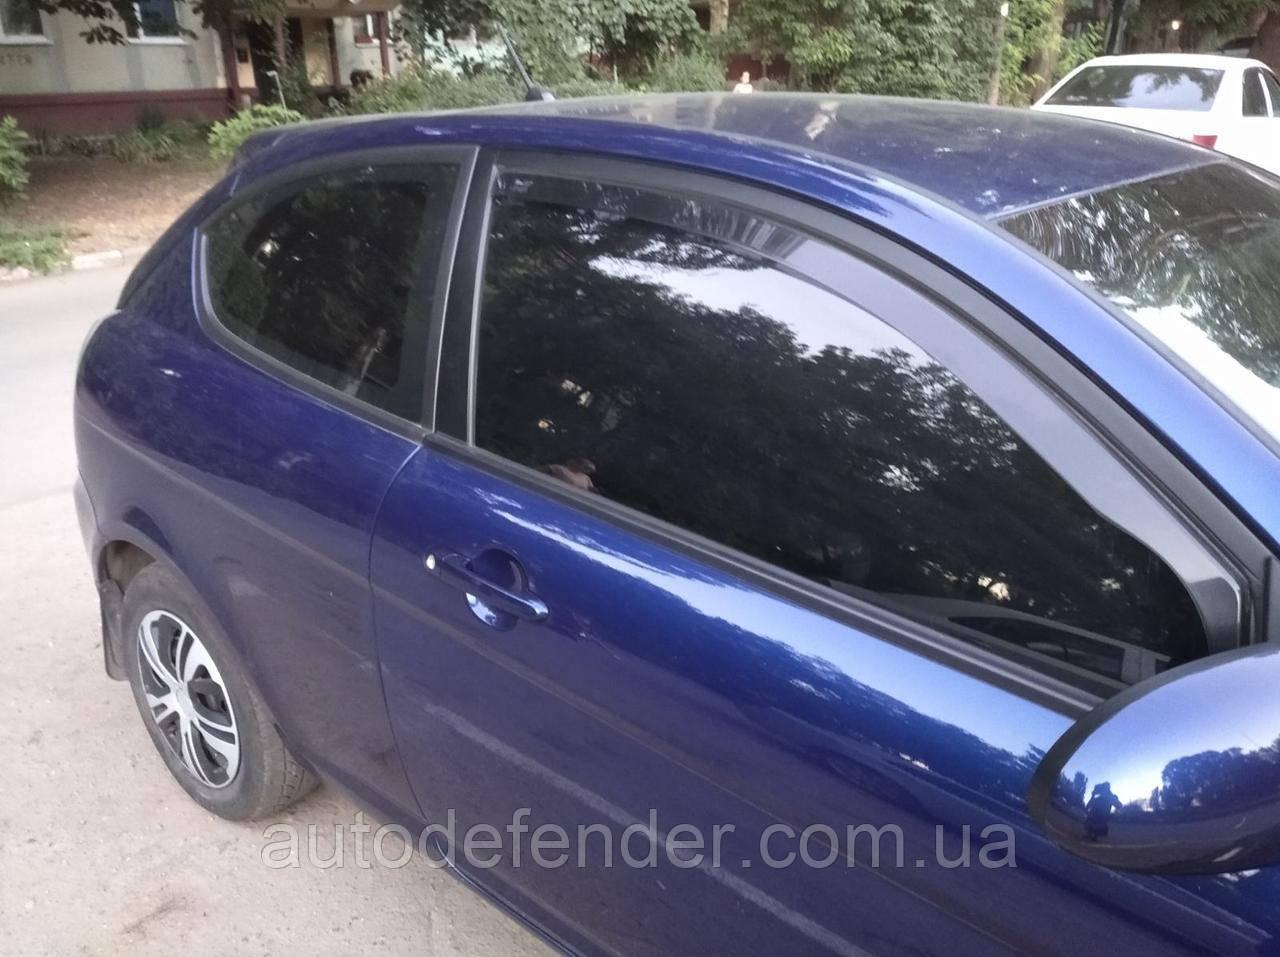 Дефлекторы окон (вставные!) ветровики Hyundai Accent 2006-2011 3D hatchback 2шт., HEKO, 17246